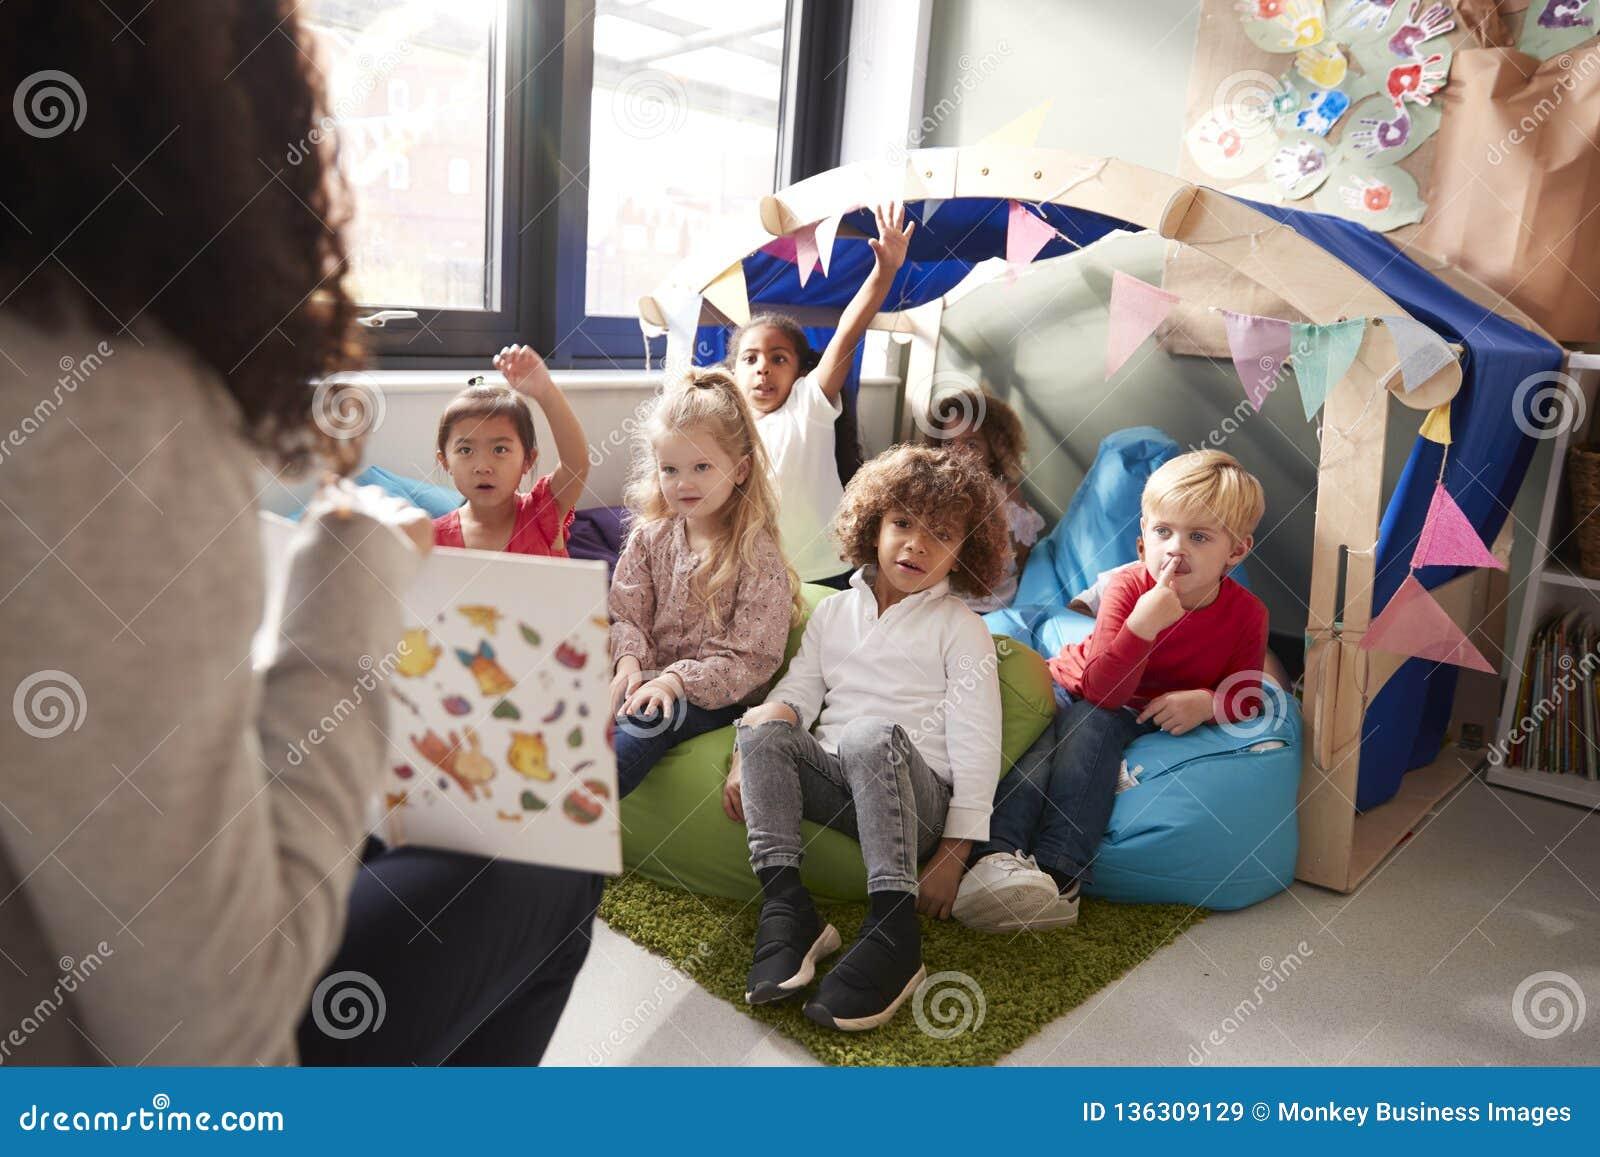 女性婴儿学校老师坐显示书的椅子对一个小组孩子坐辎重袋在一个舒适的角落